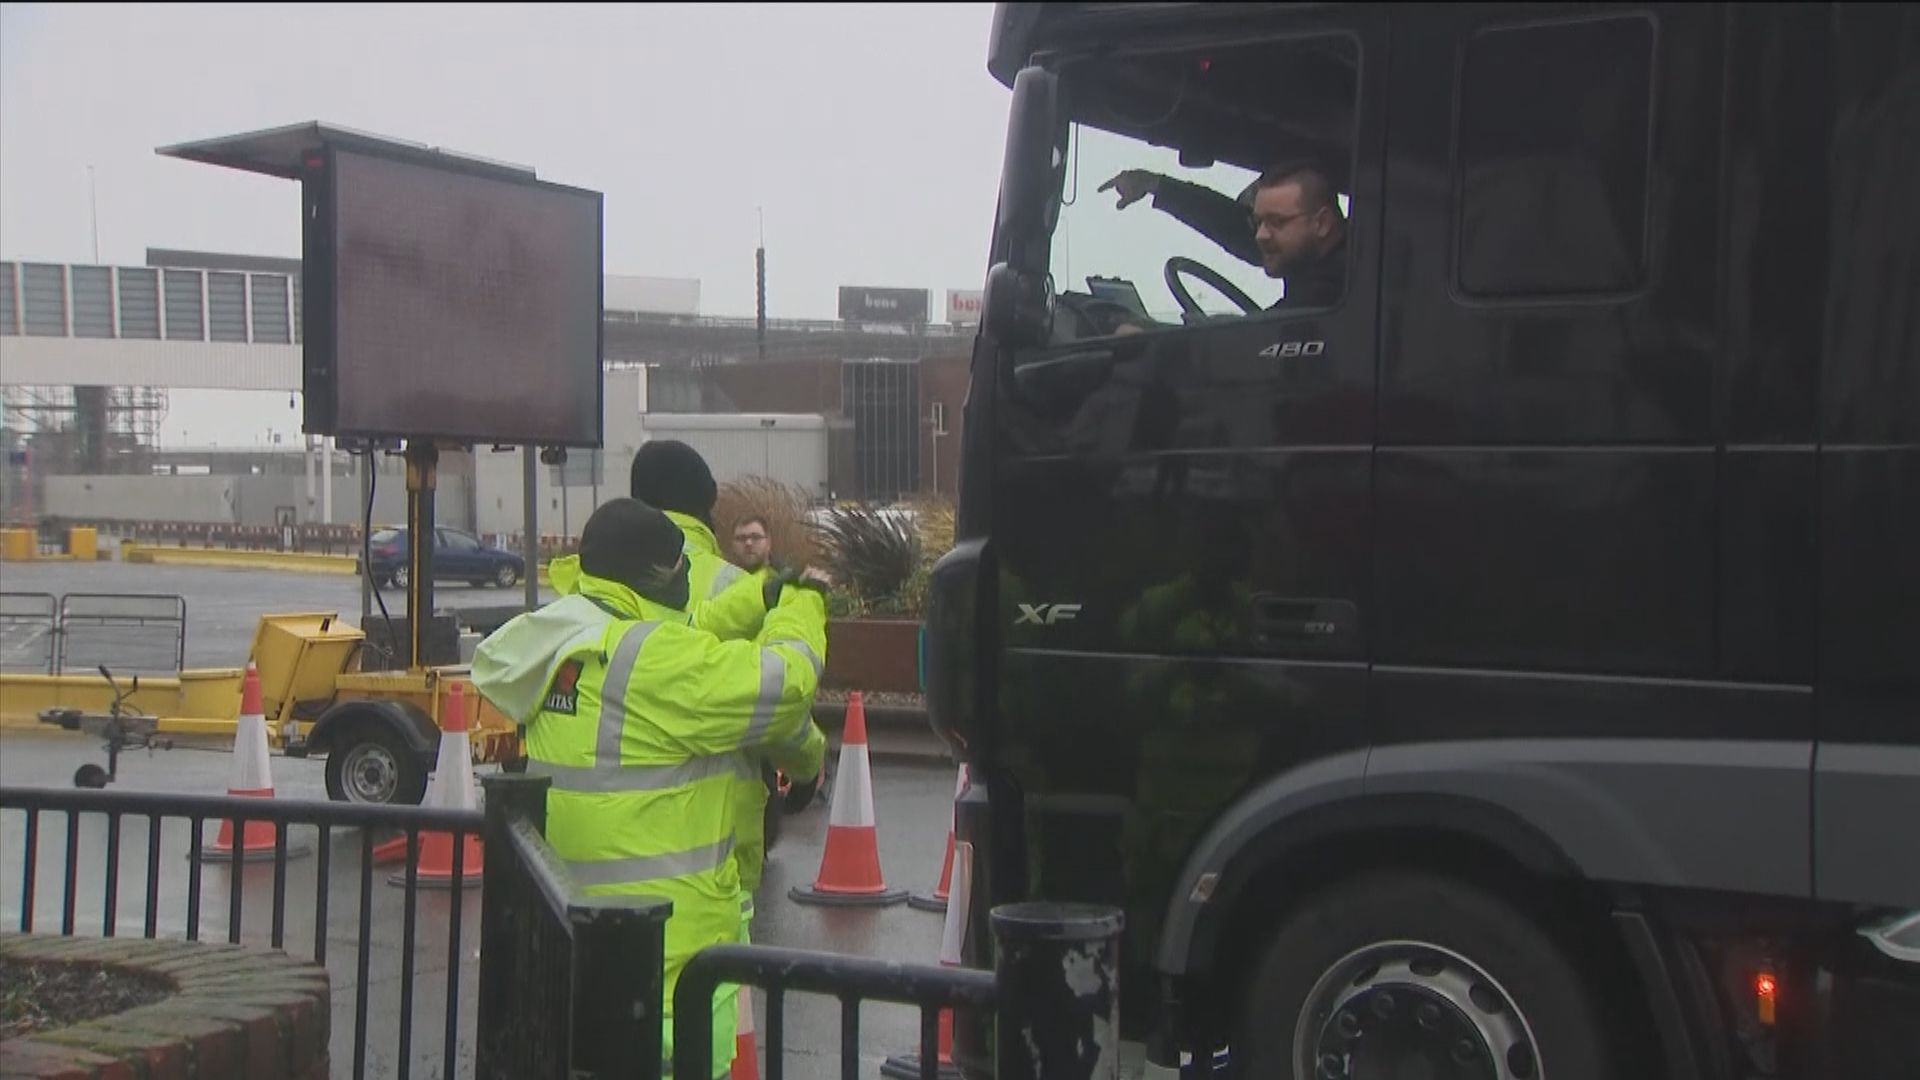 英國游說法國重開邊境 據報安排貨車司機病毒檢測